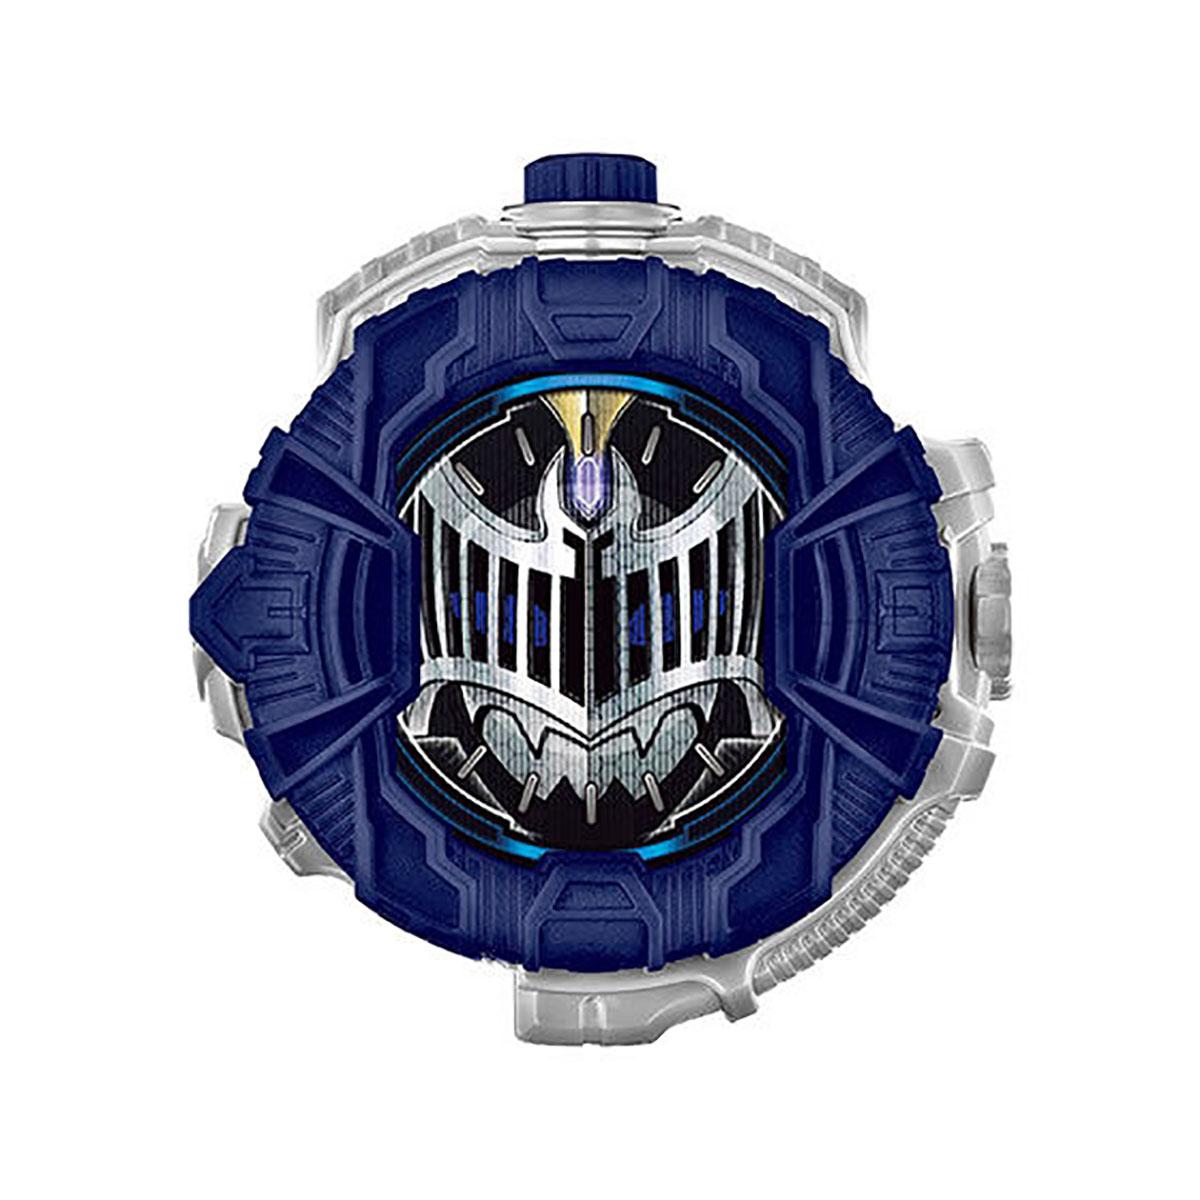 仮面ライダージオウ サウンドライドウォッチシリーズ『GPライドウォッチ11』ガシャポン-003